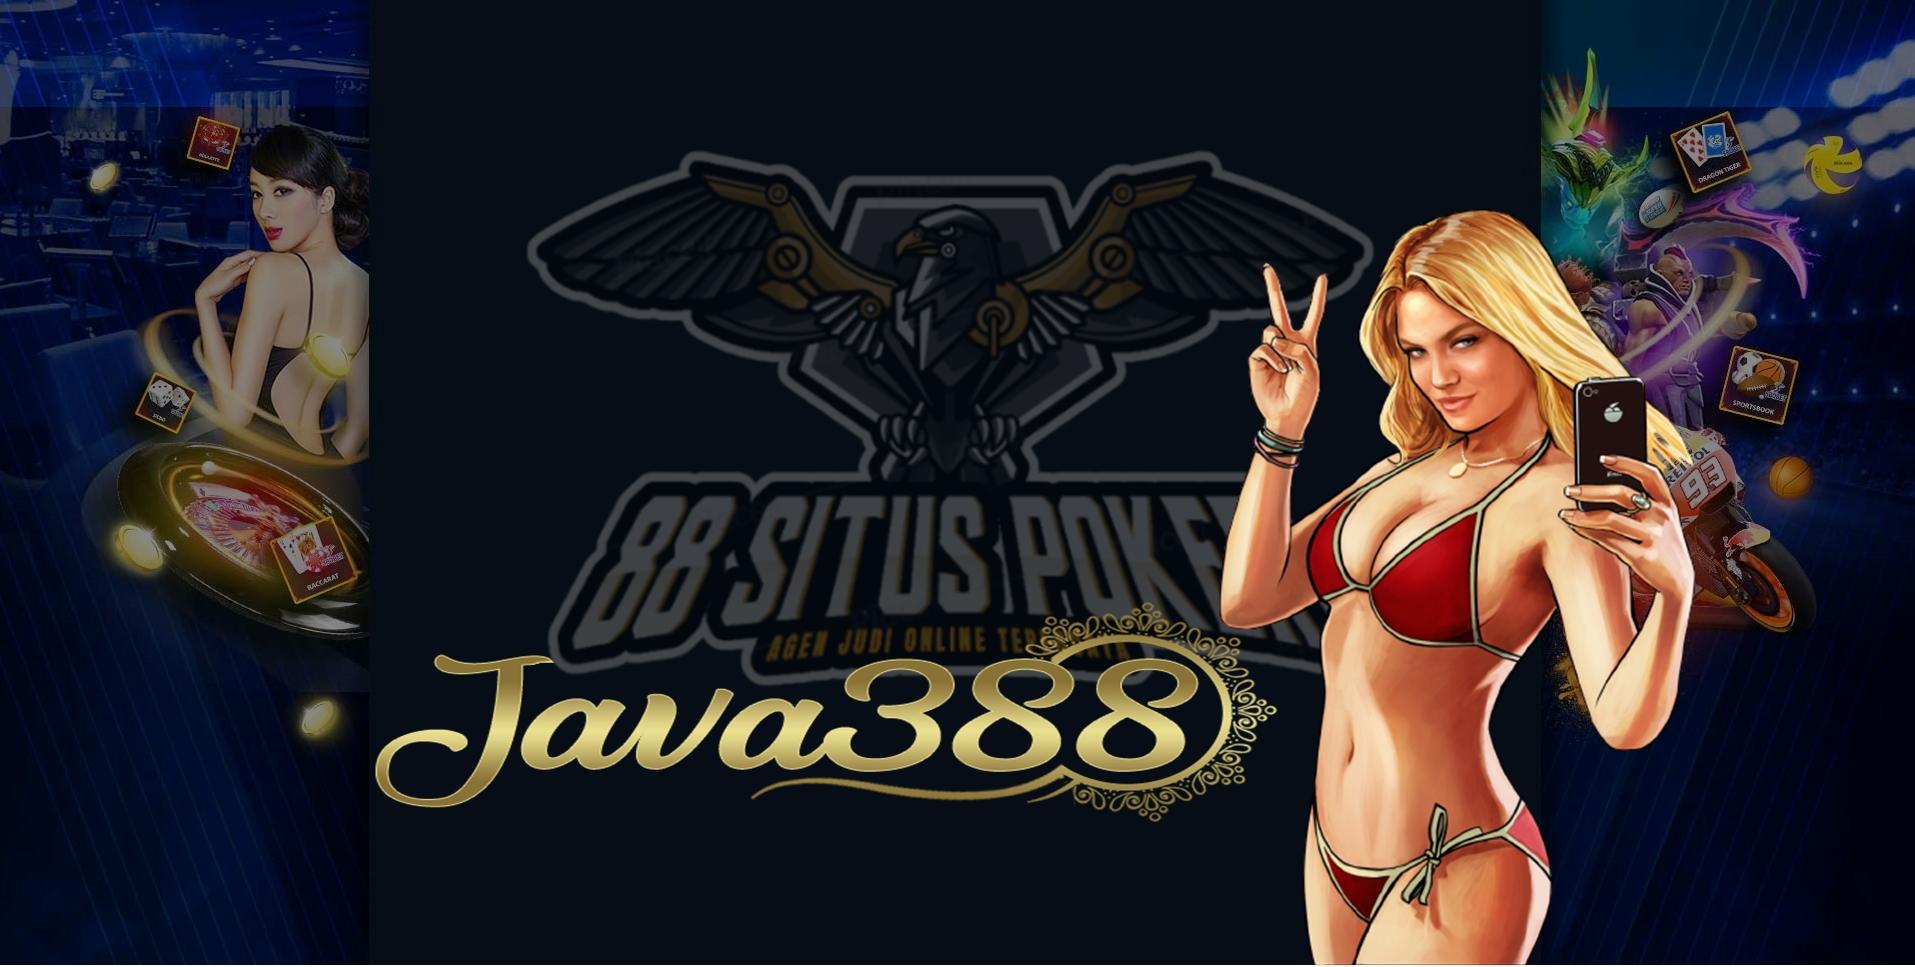 Slot Online Terbaik Dan Terlengkap  - Java388